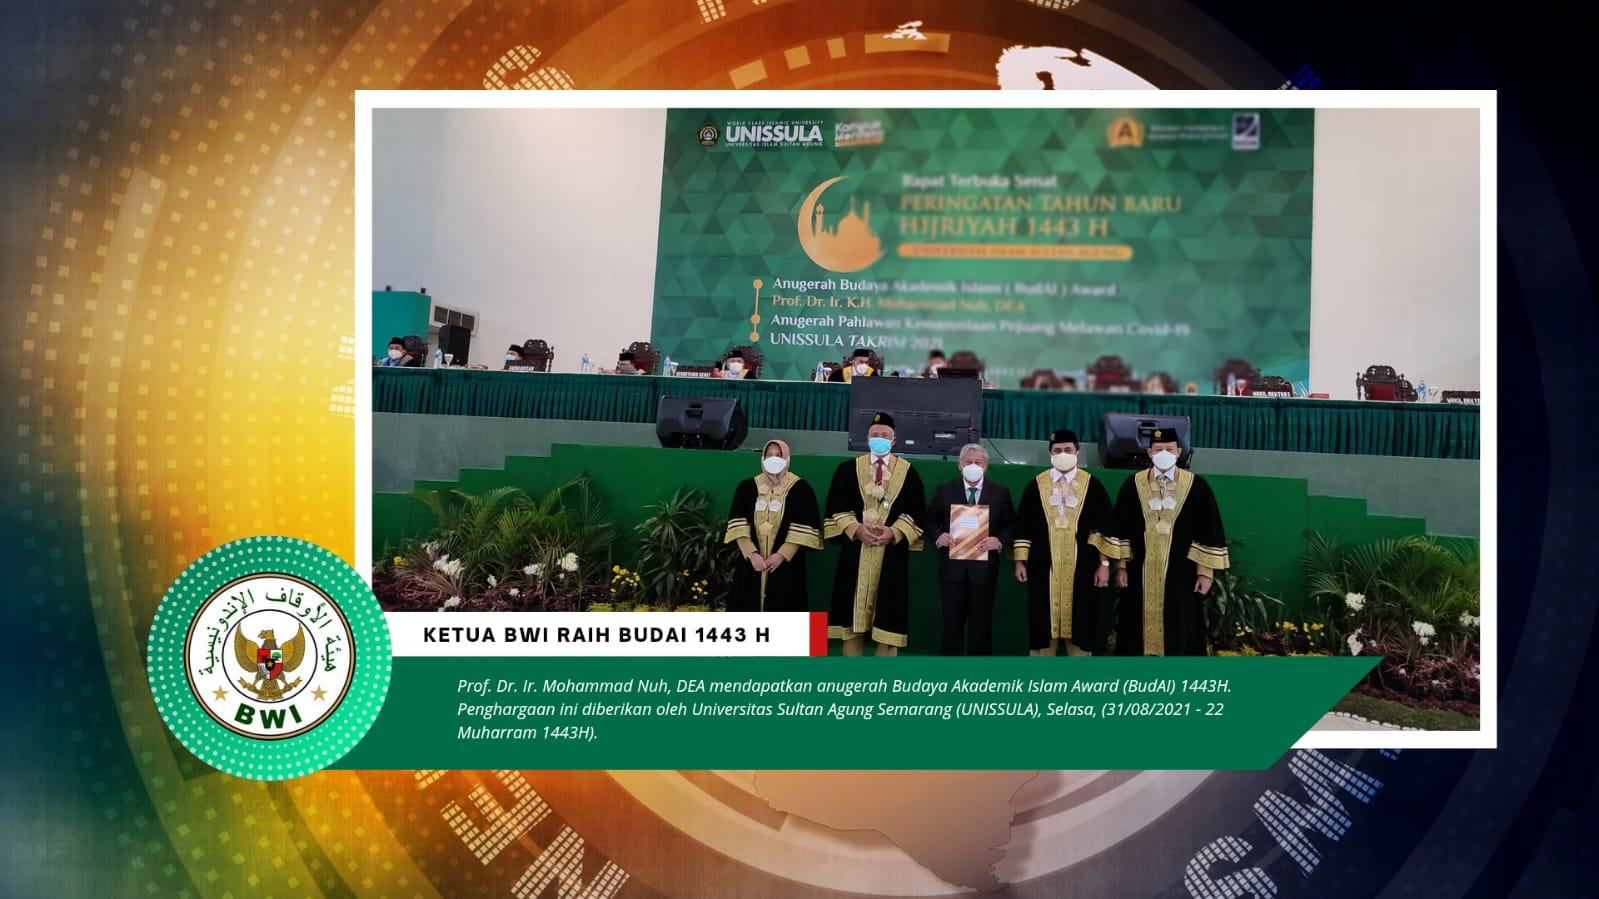 Ketua BWI Raih Anugerah Tokoh Peduli Pendidikan Kaum Dhuafa  - IMG 20210831 WA0012 - Ketua BWI Raih Anugerah Tokoh Peduli Pendidikan Kaum Dhuafa